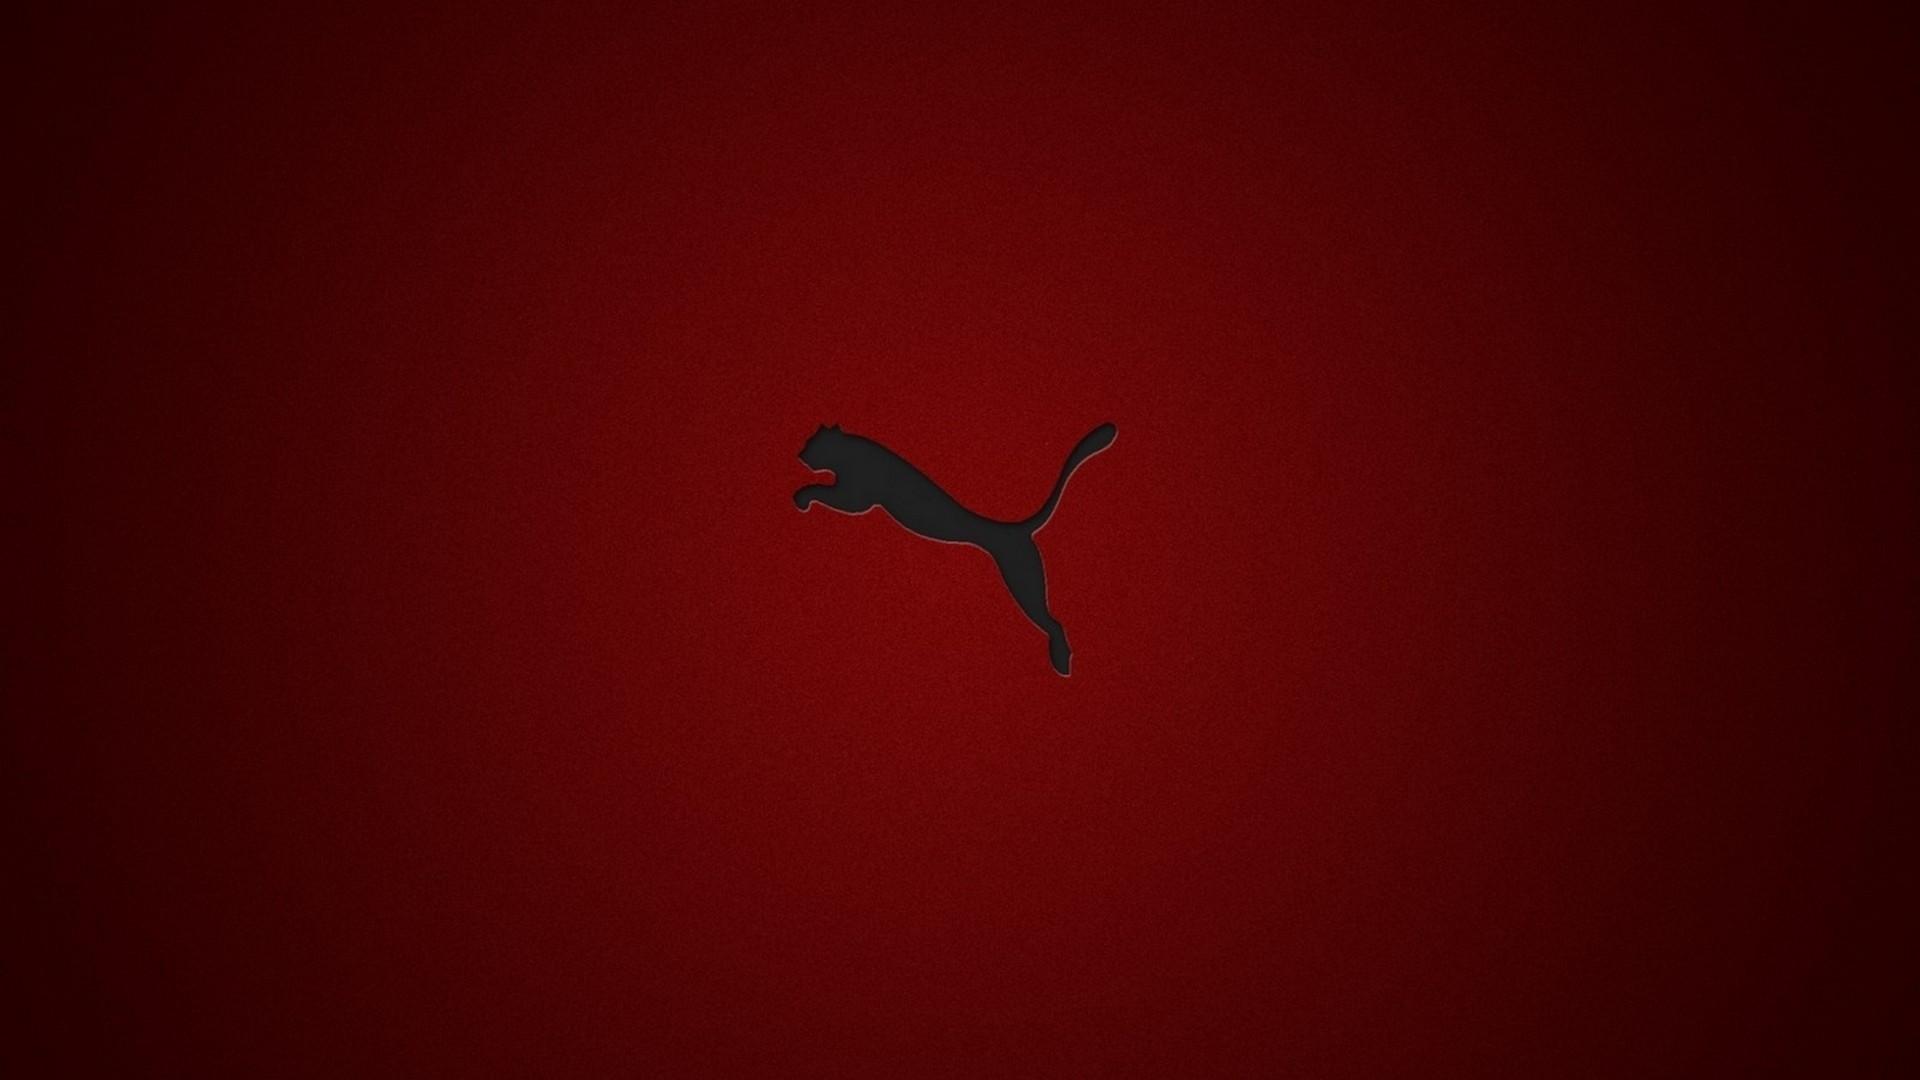 Puma Logo Wallpaper (61+ images)